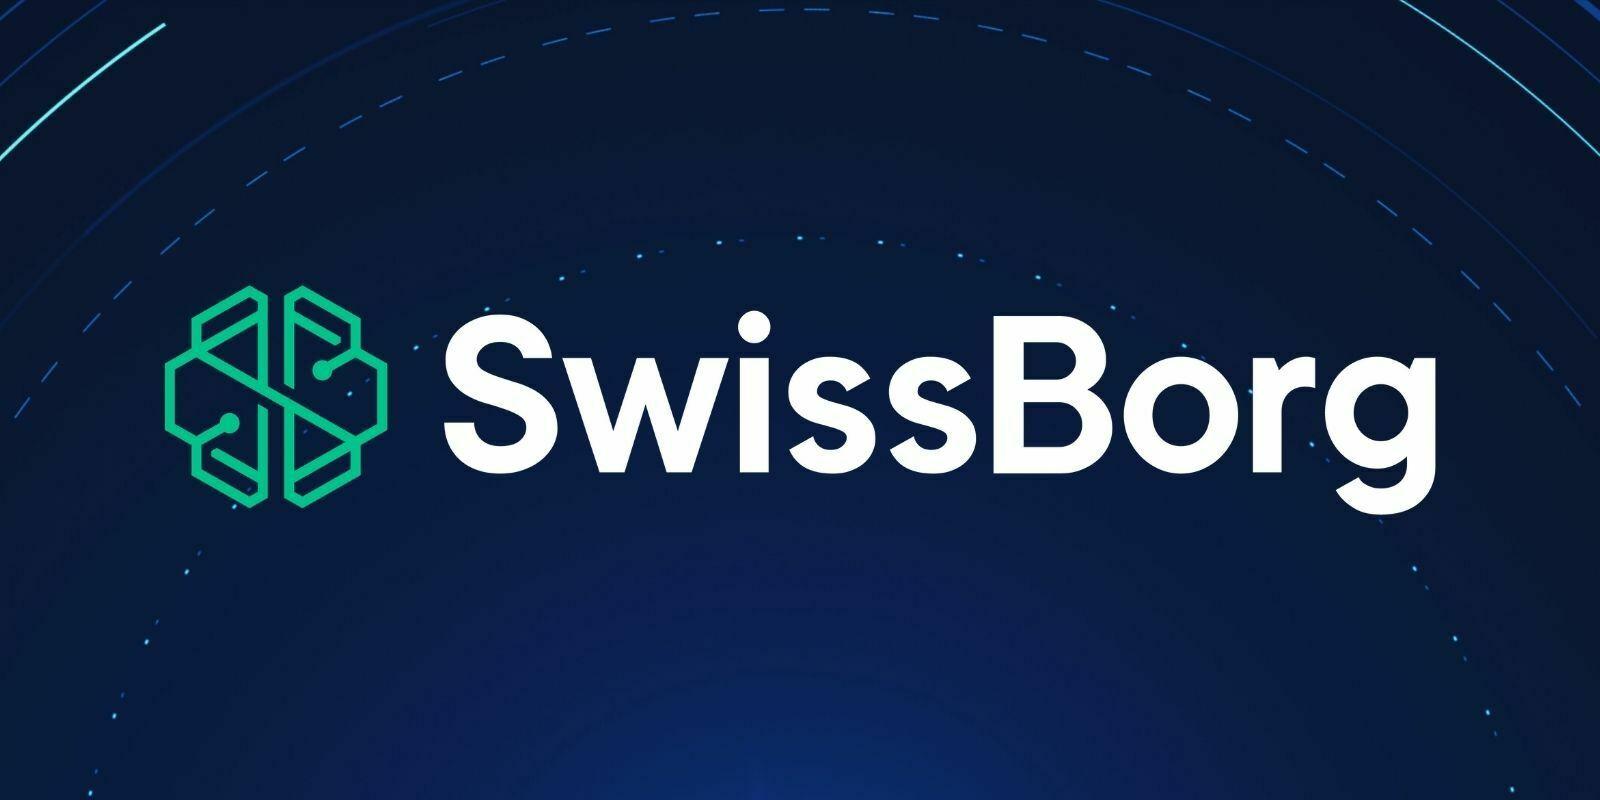 Avis et tuto sur SwissBorg (CHSB), une application crypto aux multiples fonctionnalités